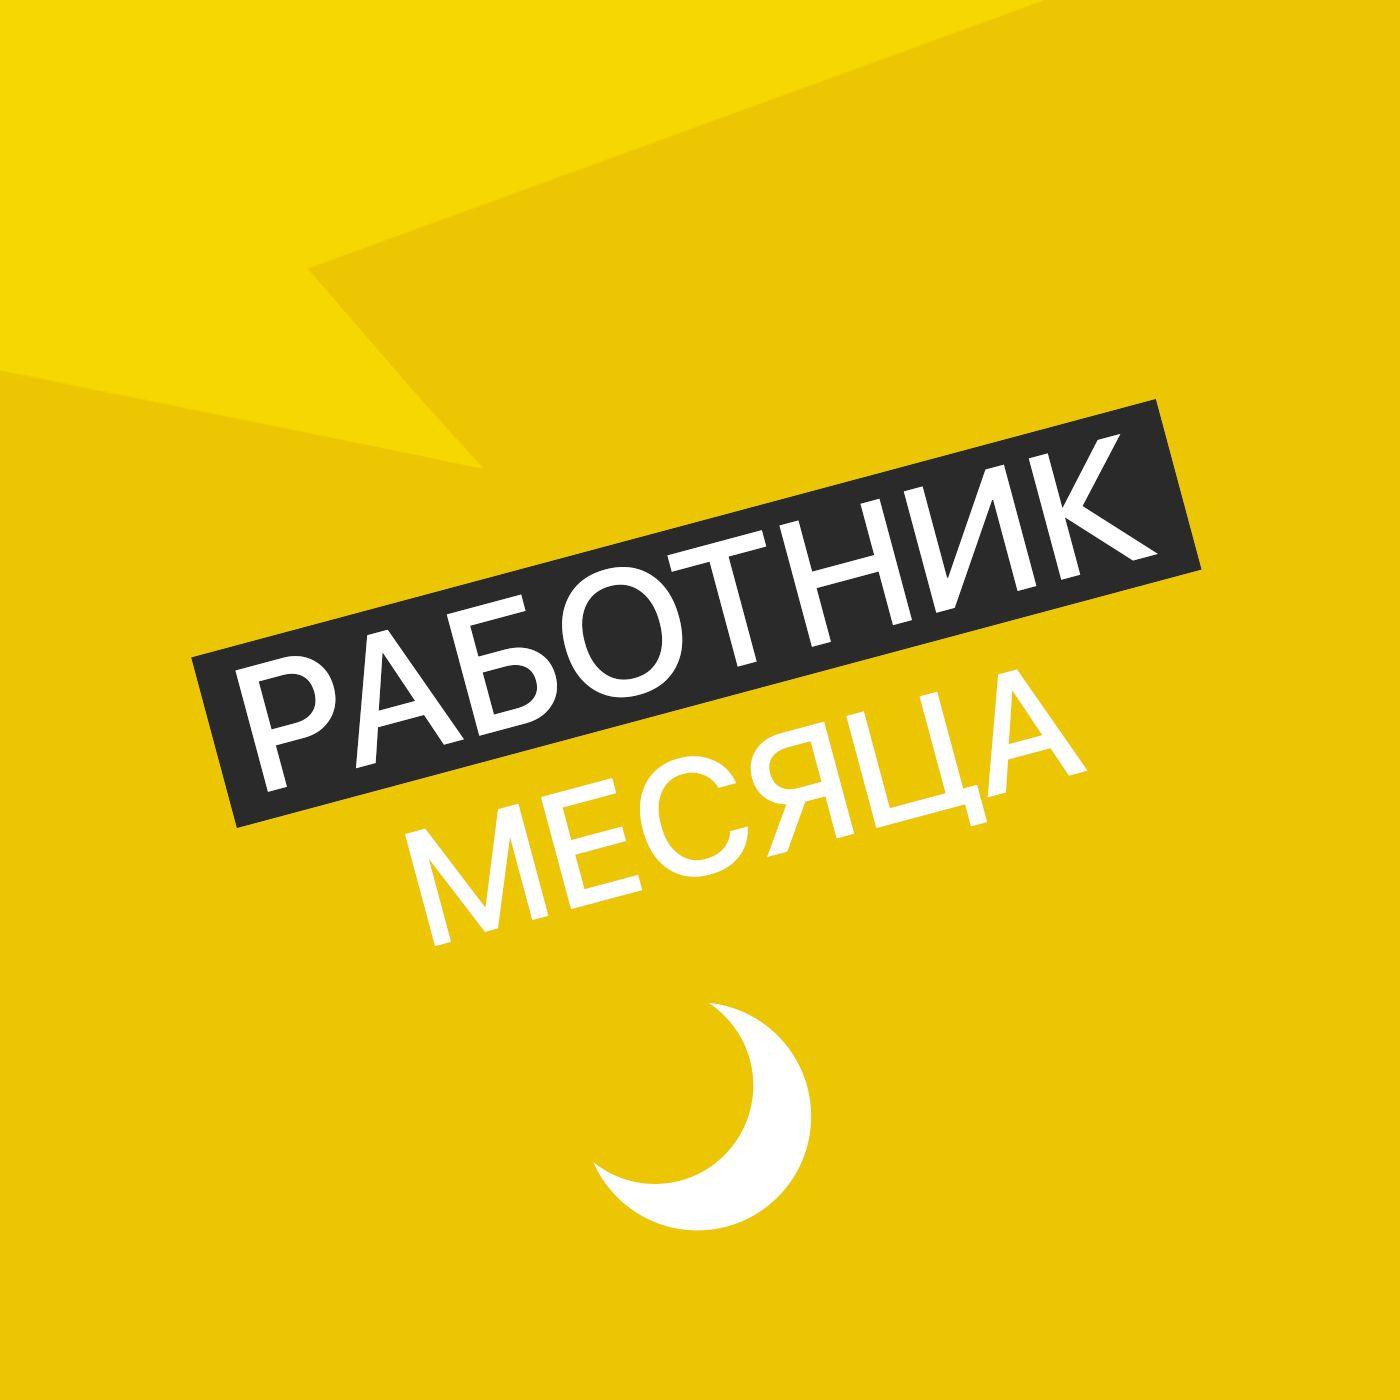 Творческий коллектив Mojomedia Владелица ателье отсутствует ателье 05 2019